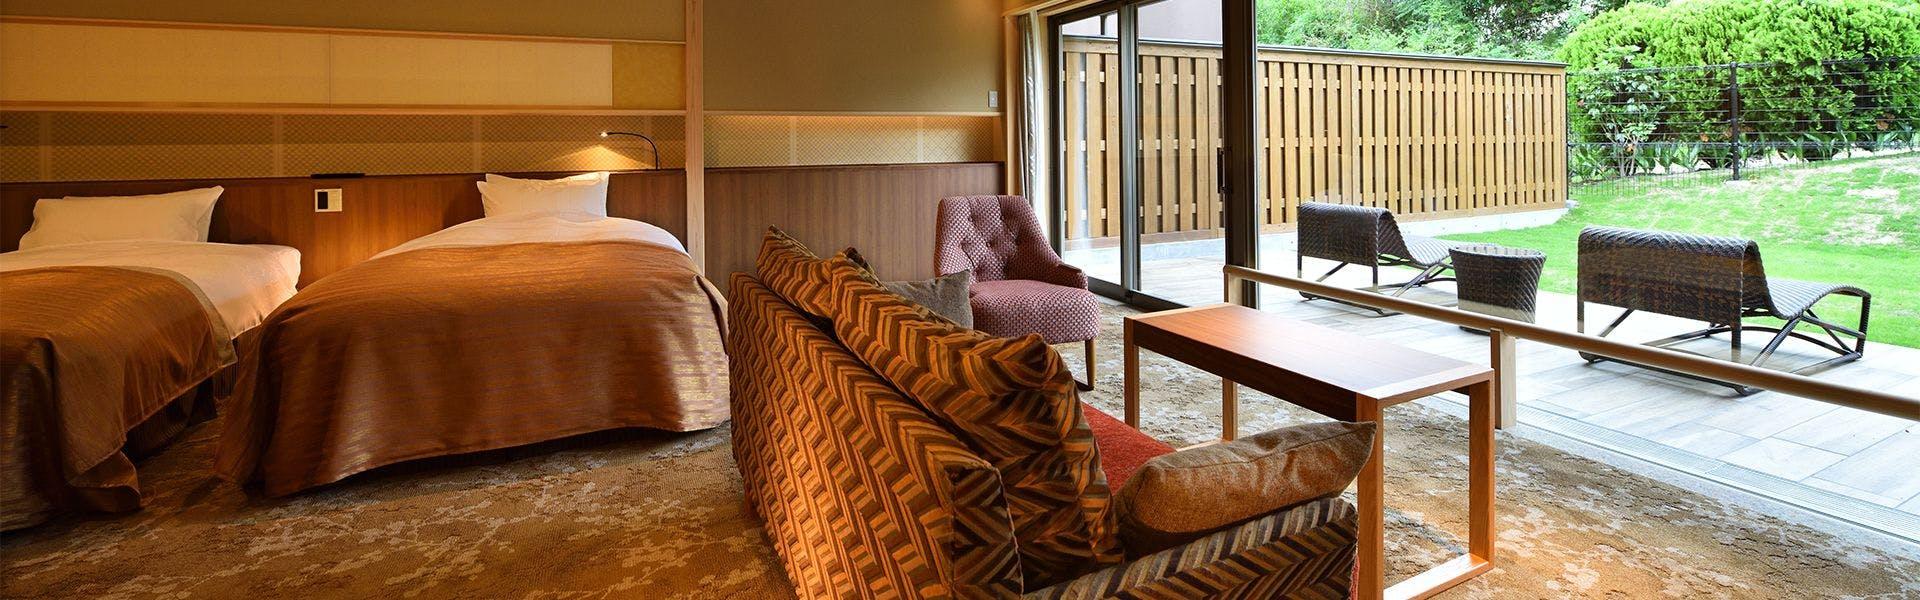 記念日におすすめのホテル・【びわ湖松の浦別邸 愛犬と泊まる湖畔の温泉リゾート】の写真3